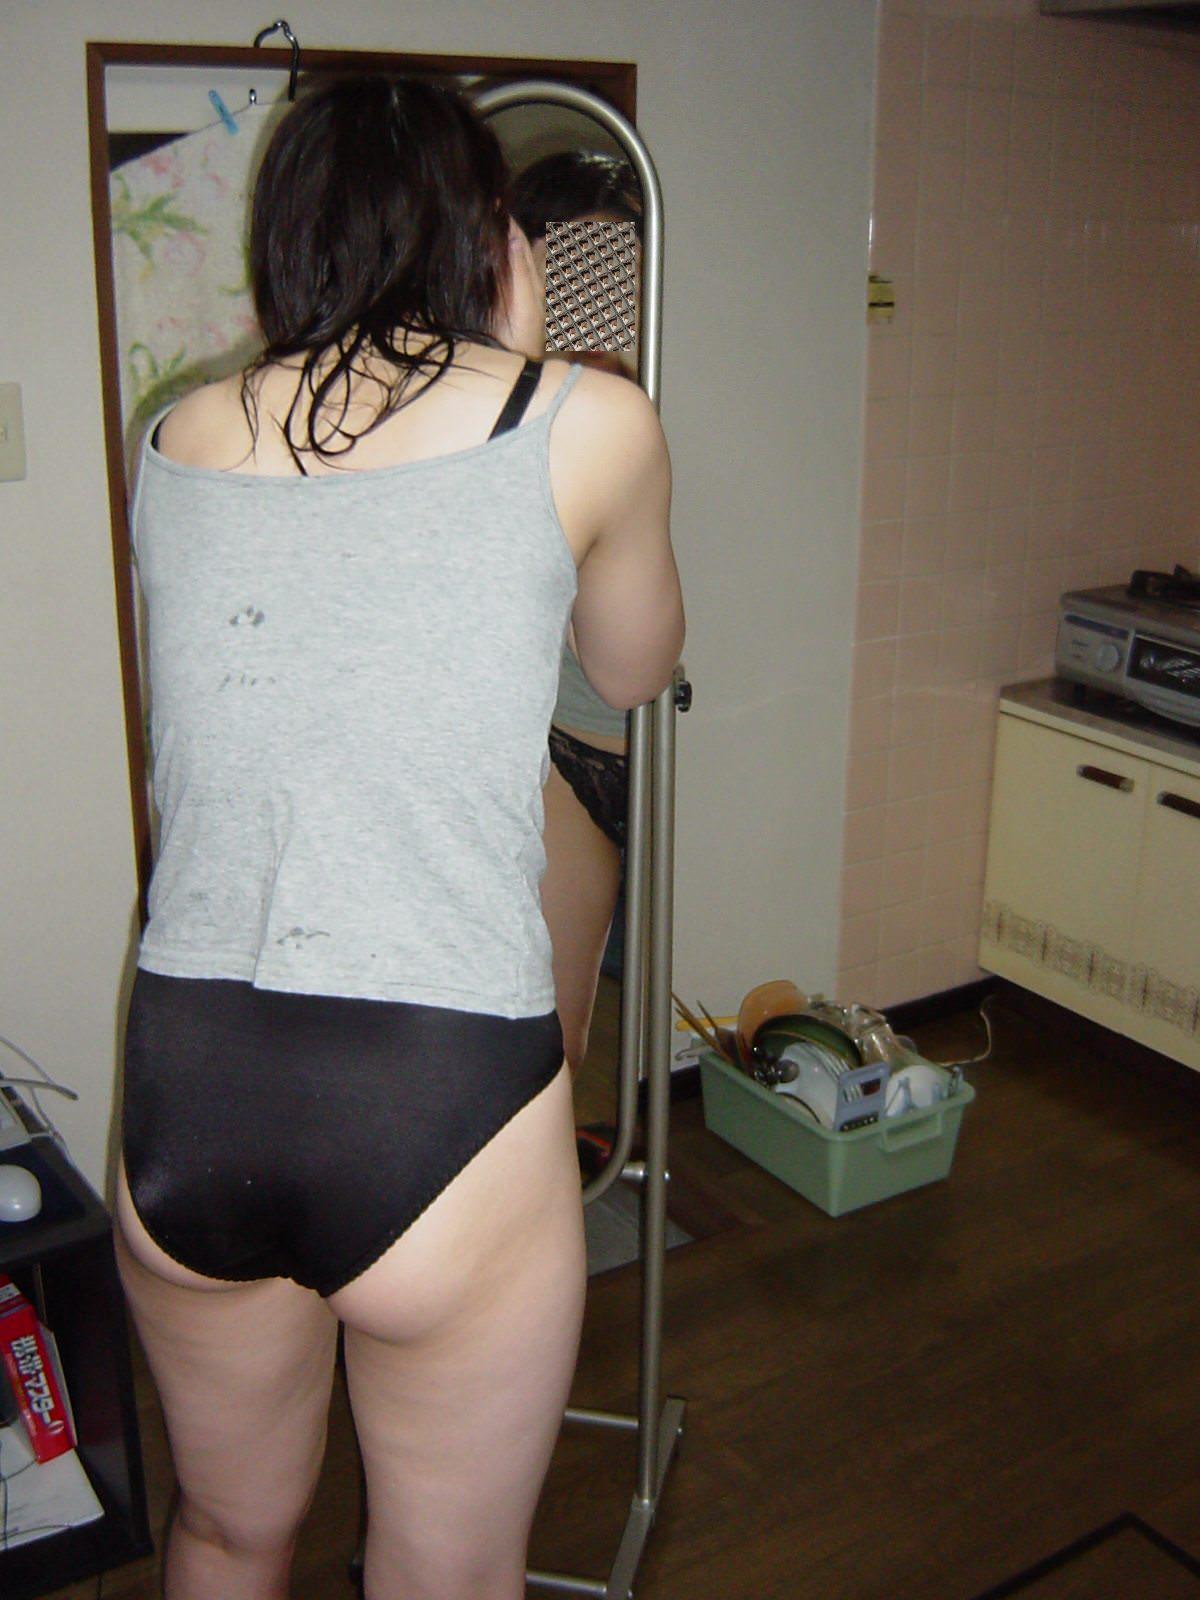 【素人投稿】お風呂あがりの彼女を盗撮www濡髪がエロすぎるから自慢げに晒すわwww 1517